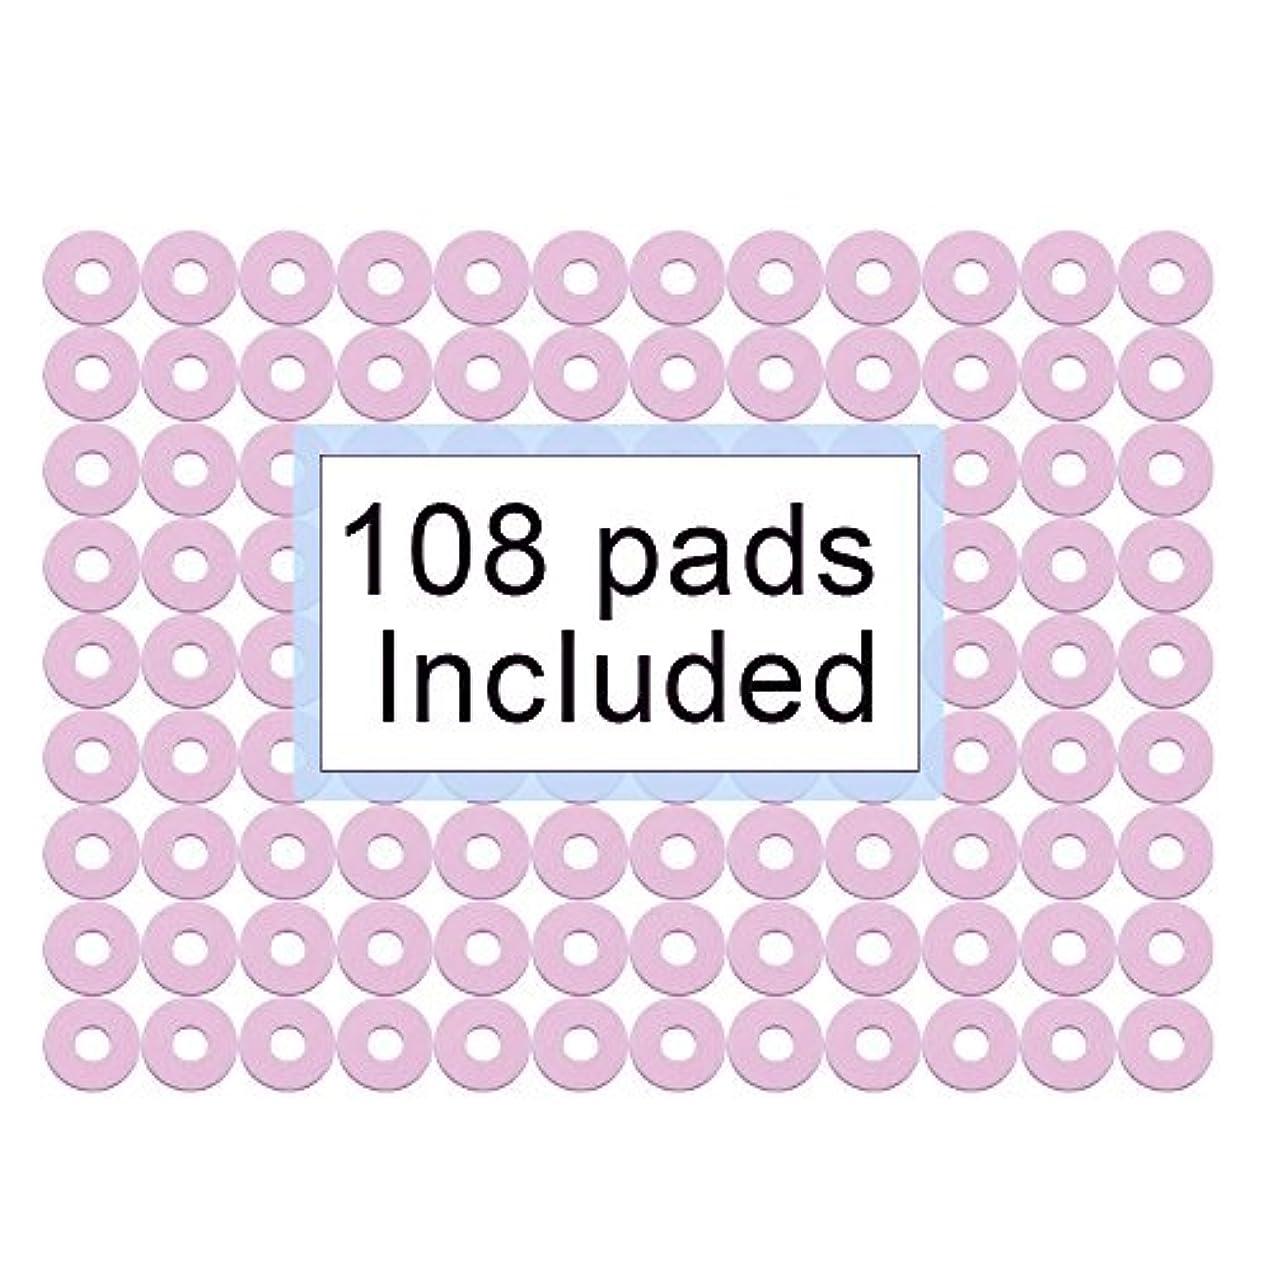 前提条件シンカン慣れている108個入-うおの目保護パッド 1''セルフスティックサークル 足裏パッド 防水 タコ ウオノメ保護用 摩擦防止足の痛みを和らげる-Welnove